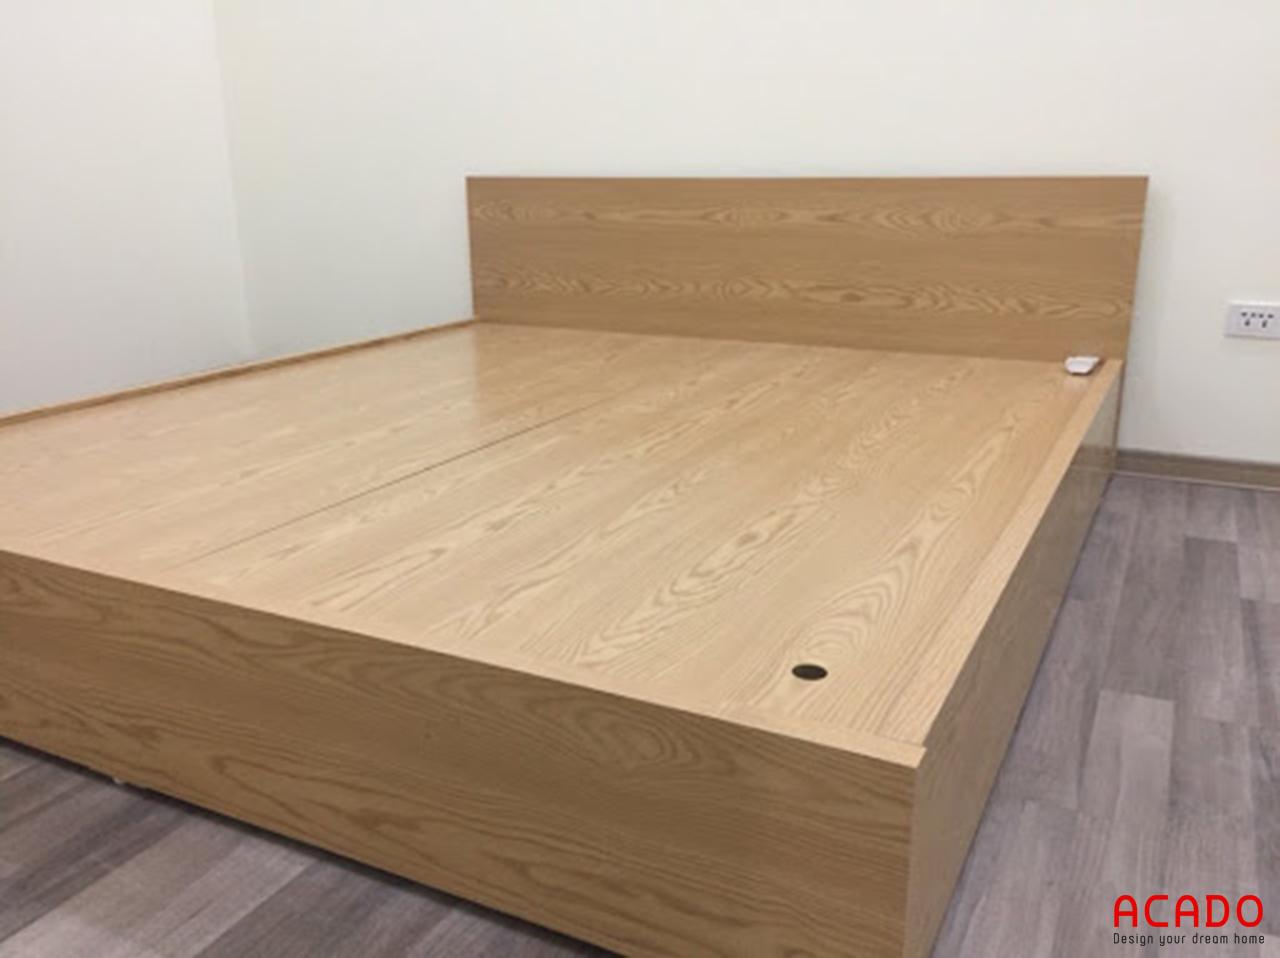 Giường gỗ sồi Nga ấm cúng, mang đến cho bạn những giấc ngủ ngon